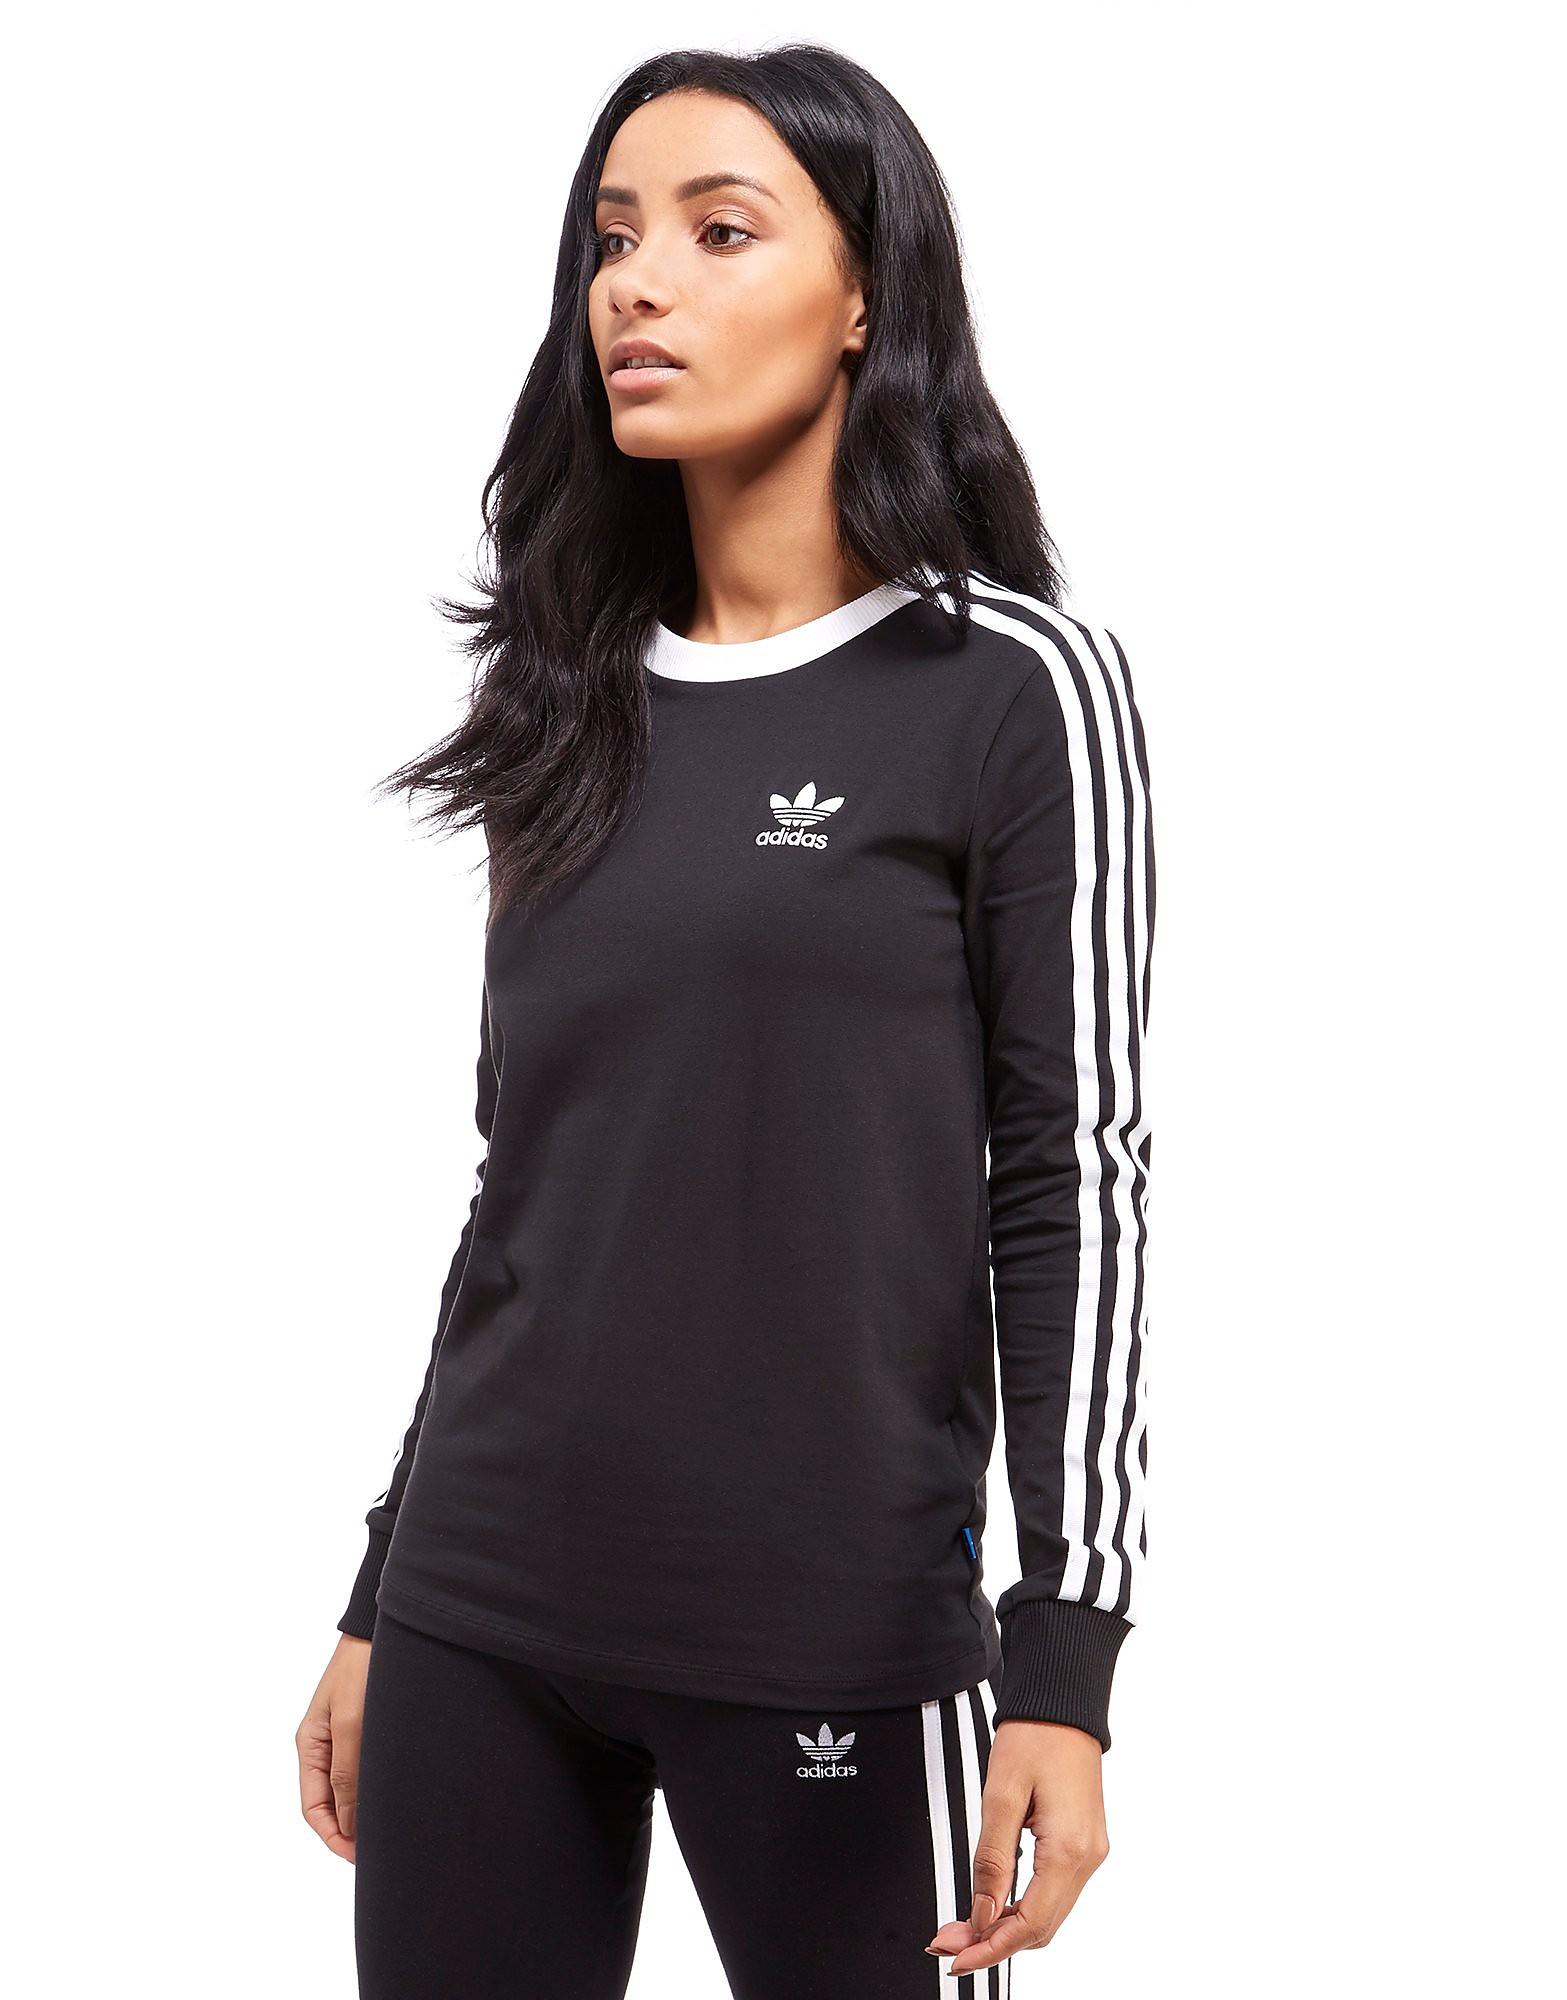 8a77c1200ea adidas Originals California T-Shirt met lange mouwen - Black - Dames    Sneakerplaats, het sneakerplatform van Nederland